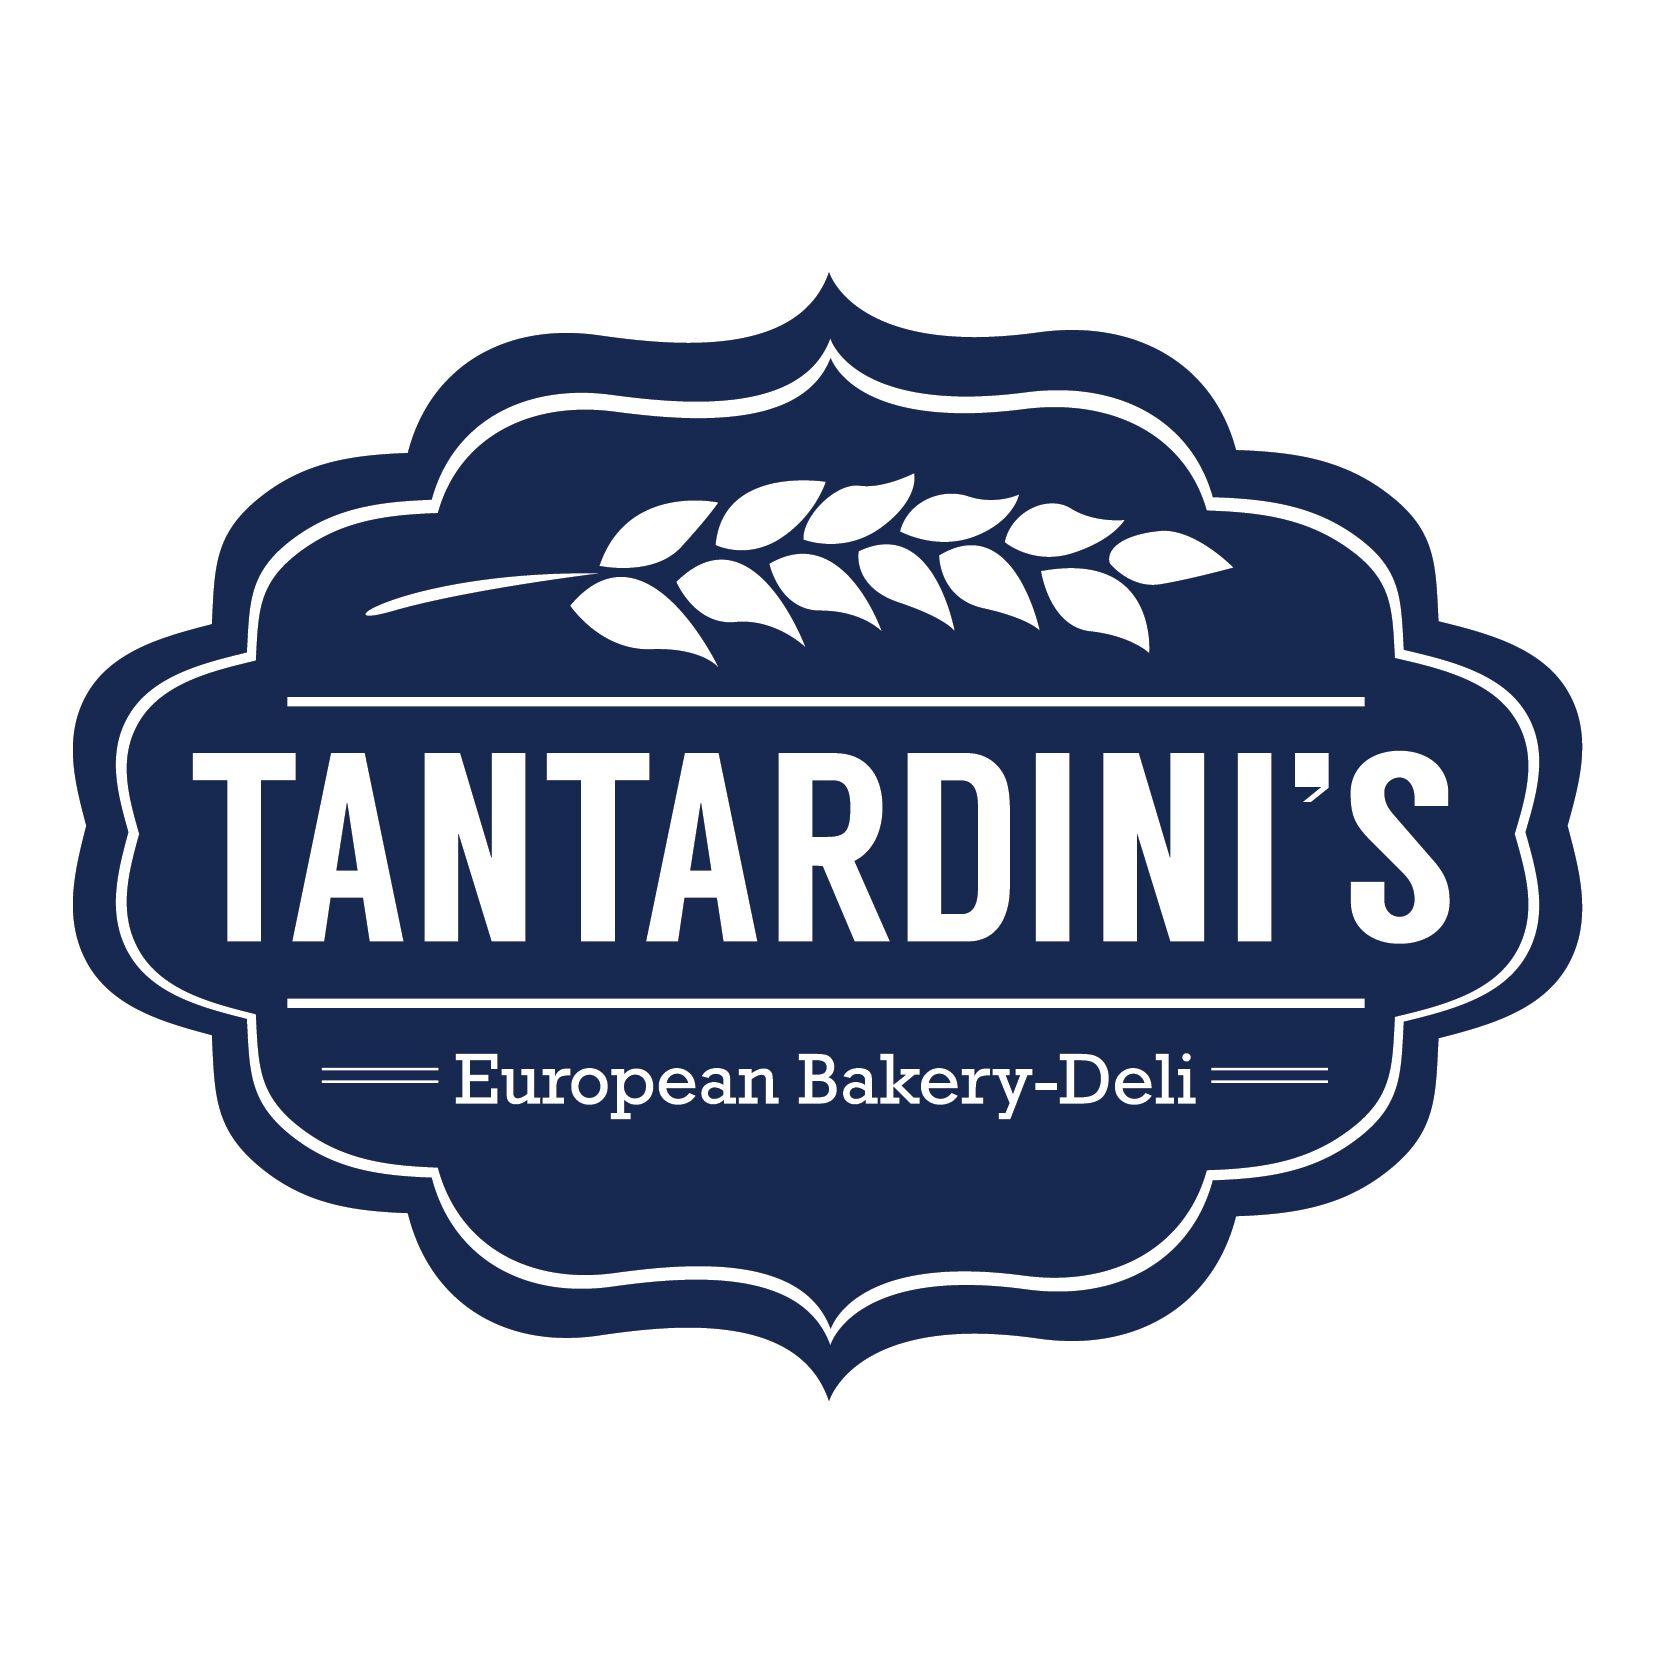 Tantardini's Bakery Logo Brady Kennedy Bakery logo